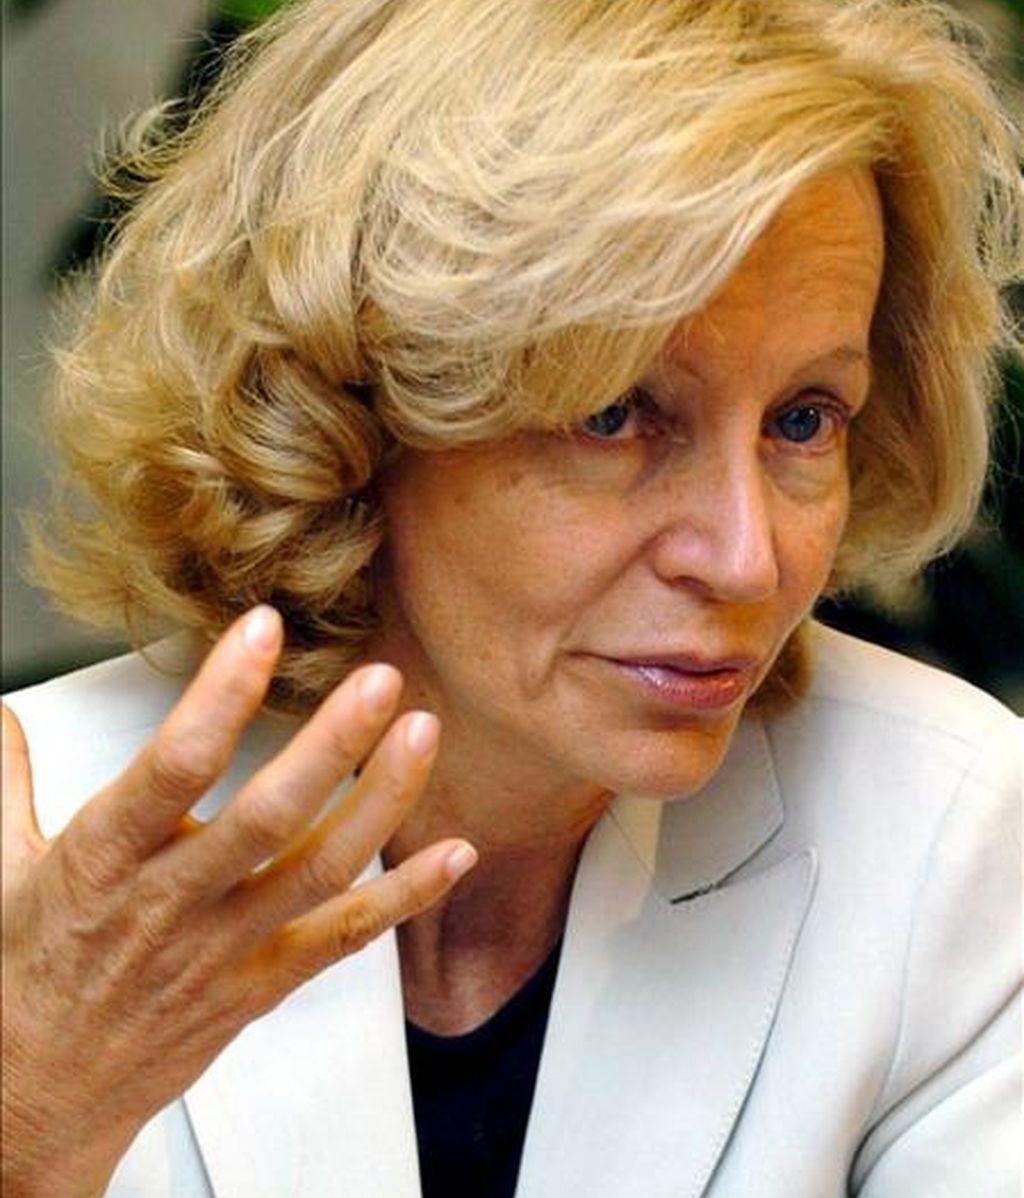 La ministra de Administraciones Públicas, Elena Salgado. EFE/Archivo